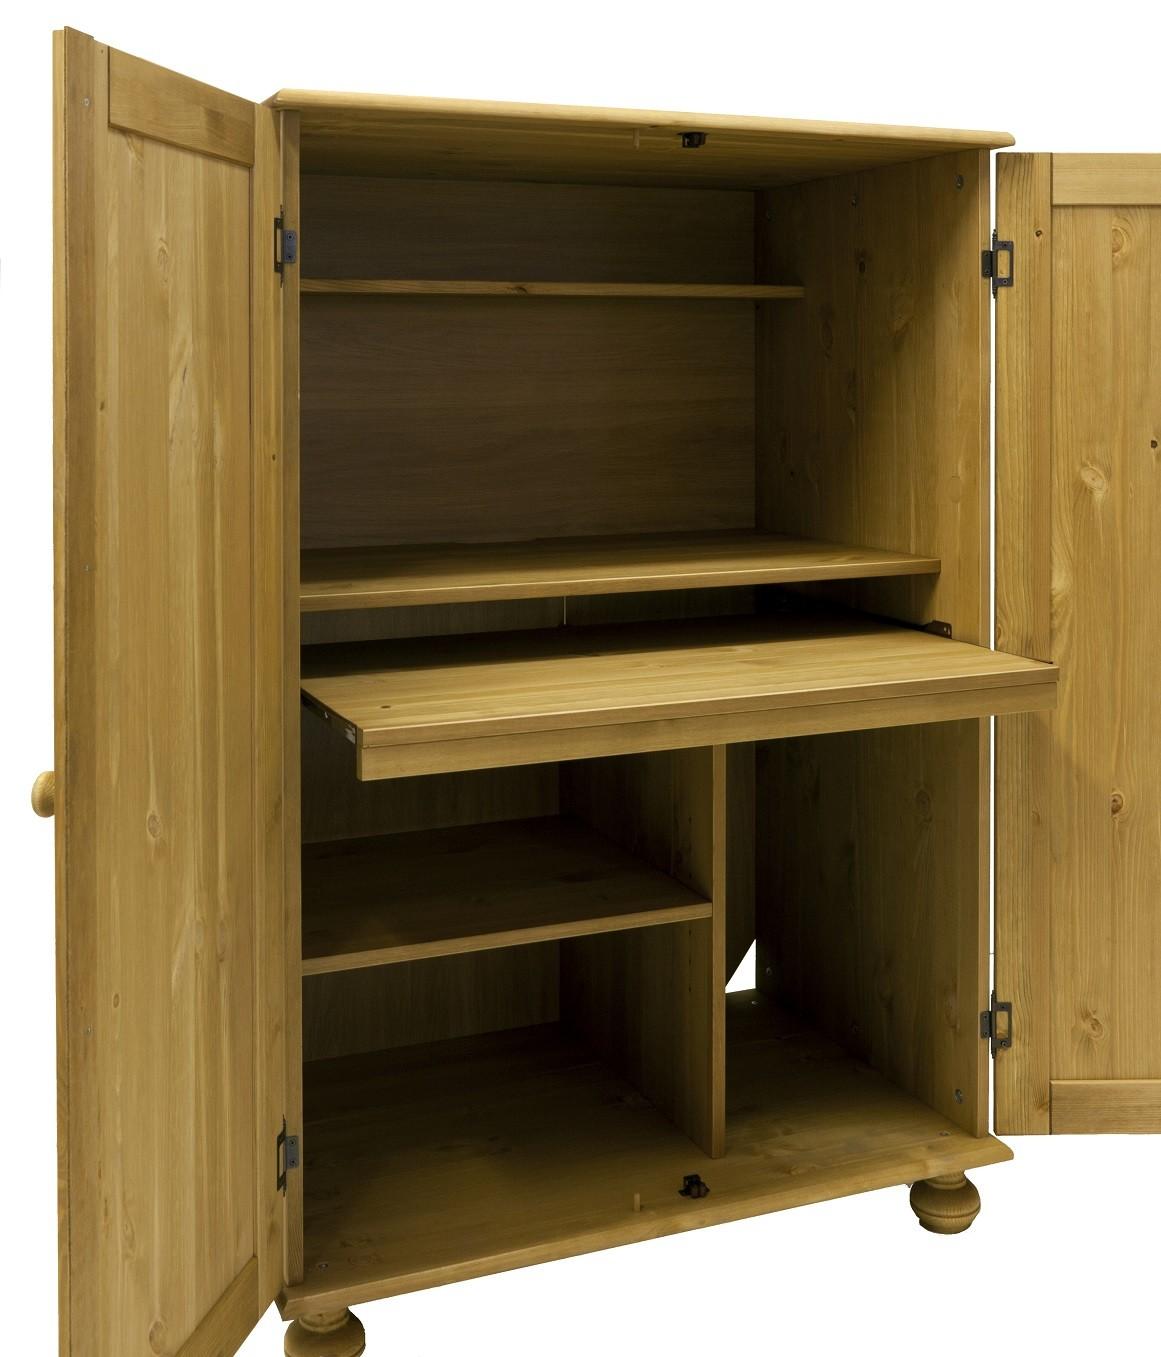 pc schrank aus massiver kiefer gelaugt ge lt. Black Bedroom Furniture Sets. Home Design Ideas